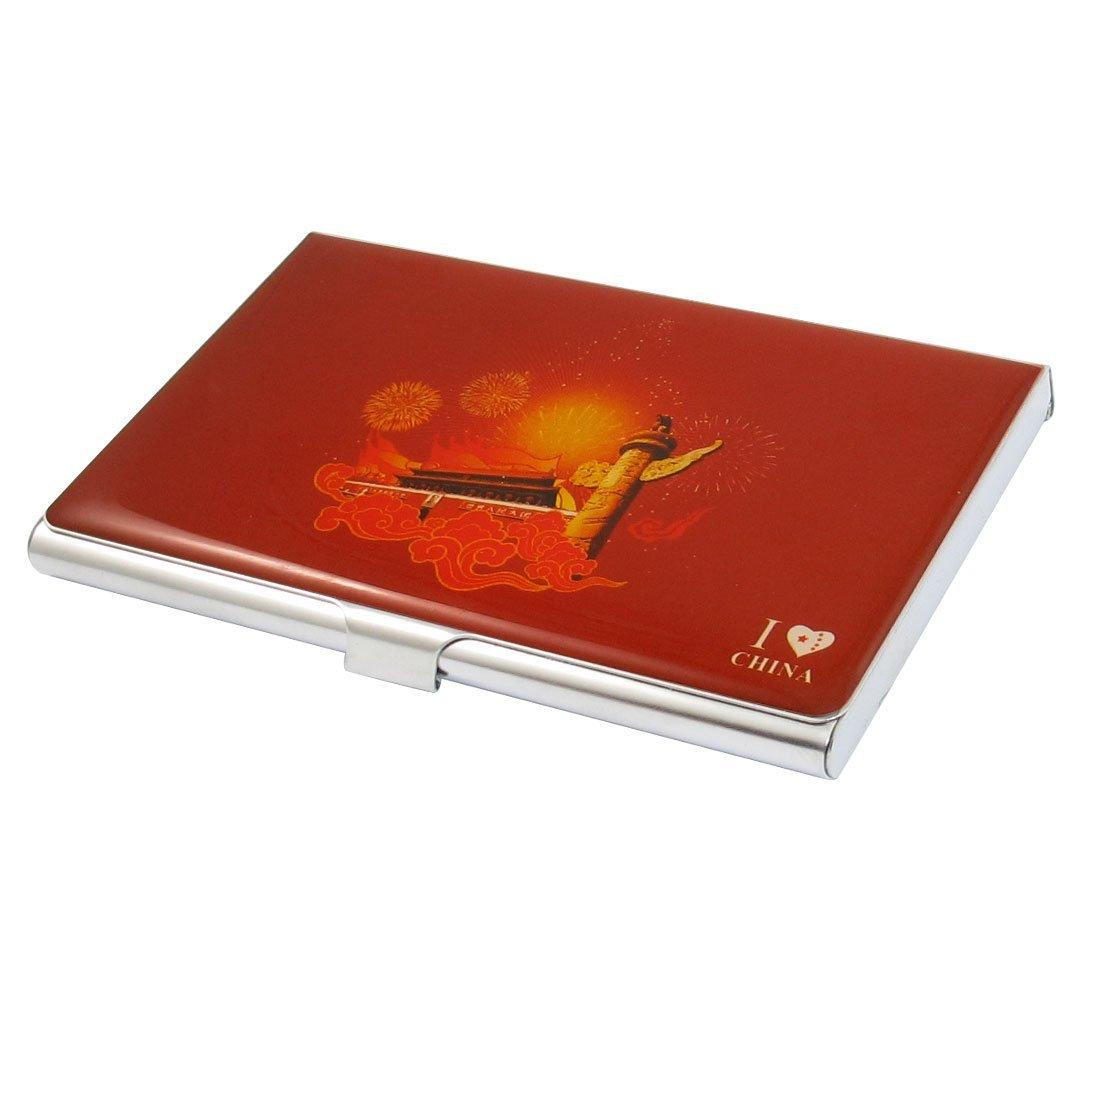 Sourcingmap in acciaio INOX da uomo Business Tian un Id con porta carte di credito, colore: rosso a12092800ux0268